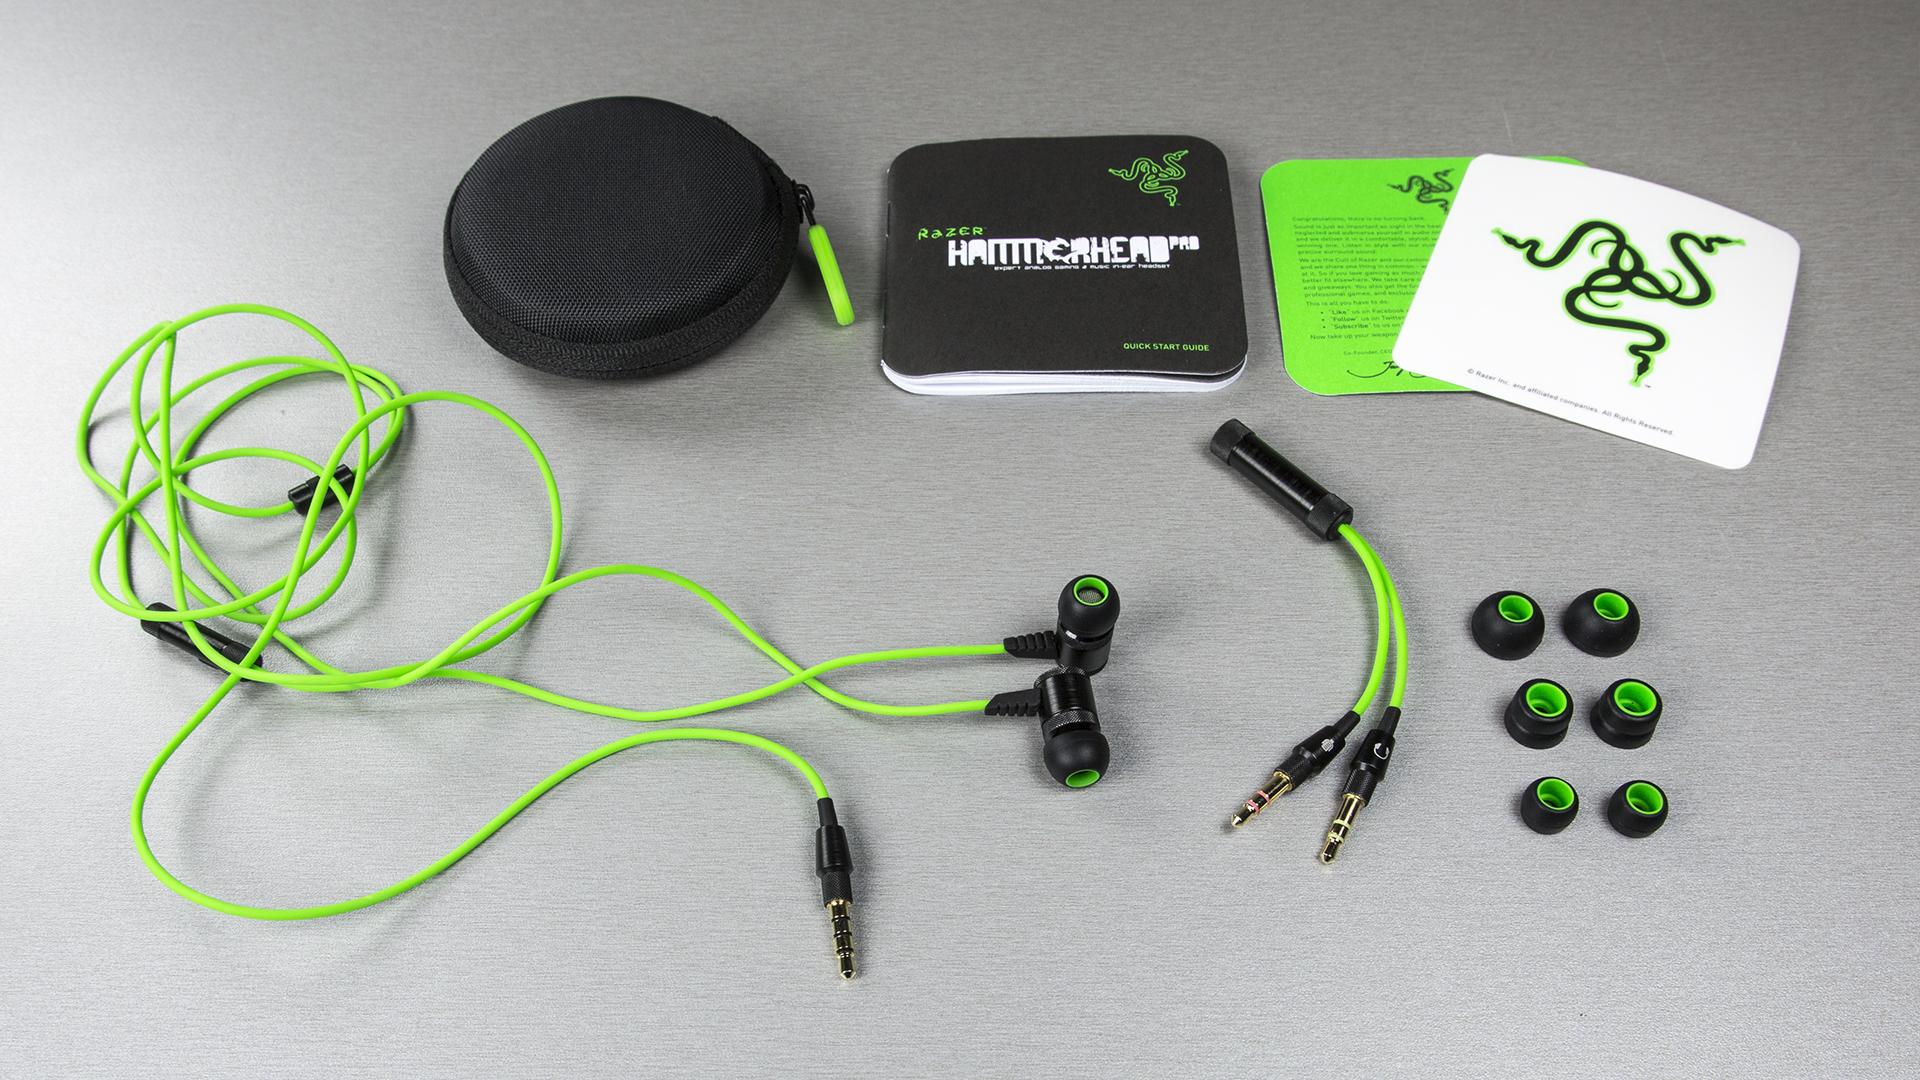 Komplektis on lisaks Hammerhead Pro kõrvaklappidele ka kandevutlar, juhend, Razeri logoga kleeps, heli/mikrofoni jagamiskaabel ning kokku neljas erinevas mõõdus kummiotsikud.